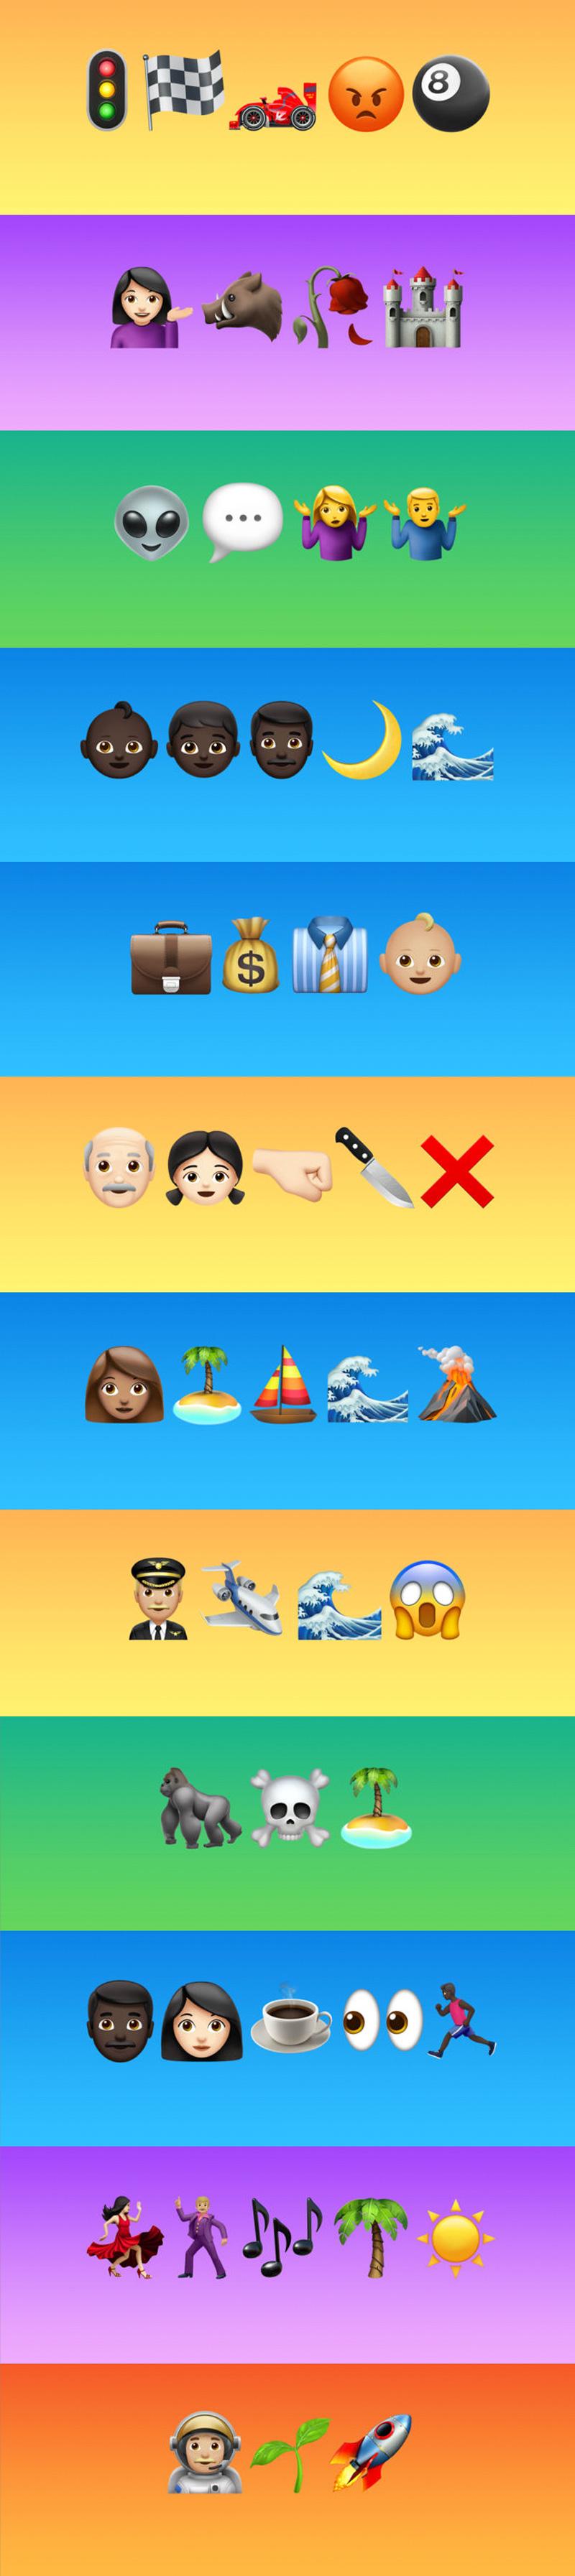 Lista de pelis con nombres escritos con emojis